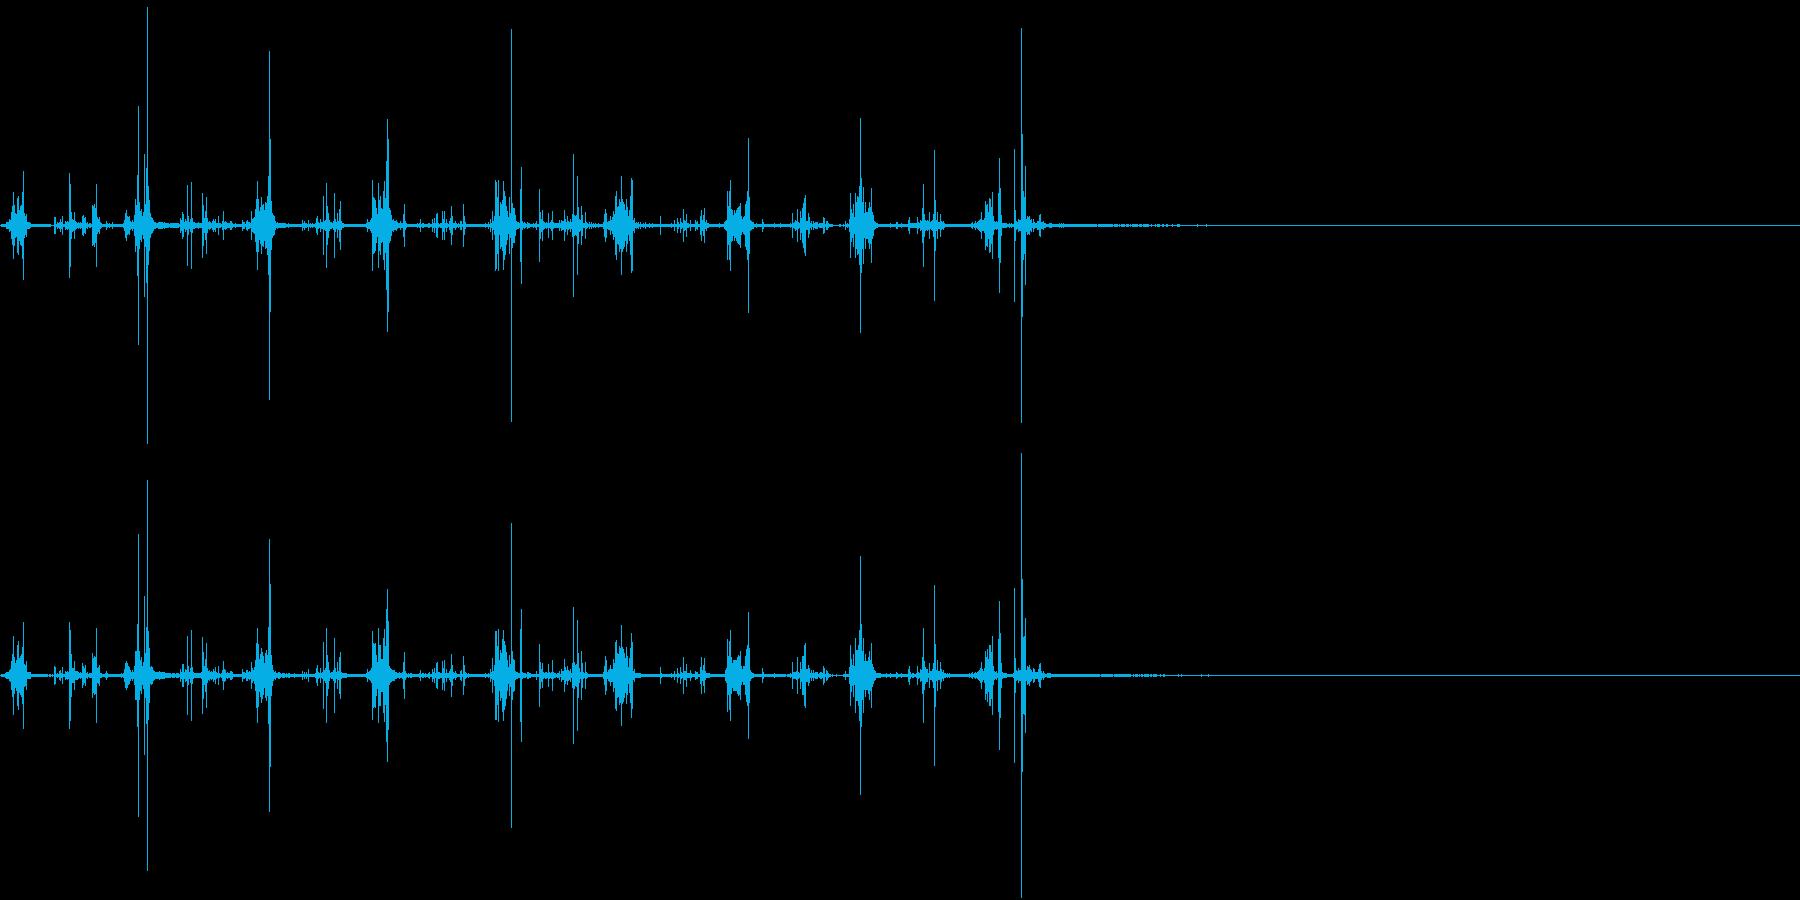 【生録音】何かを洗う音 1 石鹸 泡の再生済みの波形